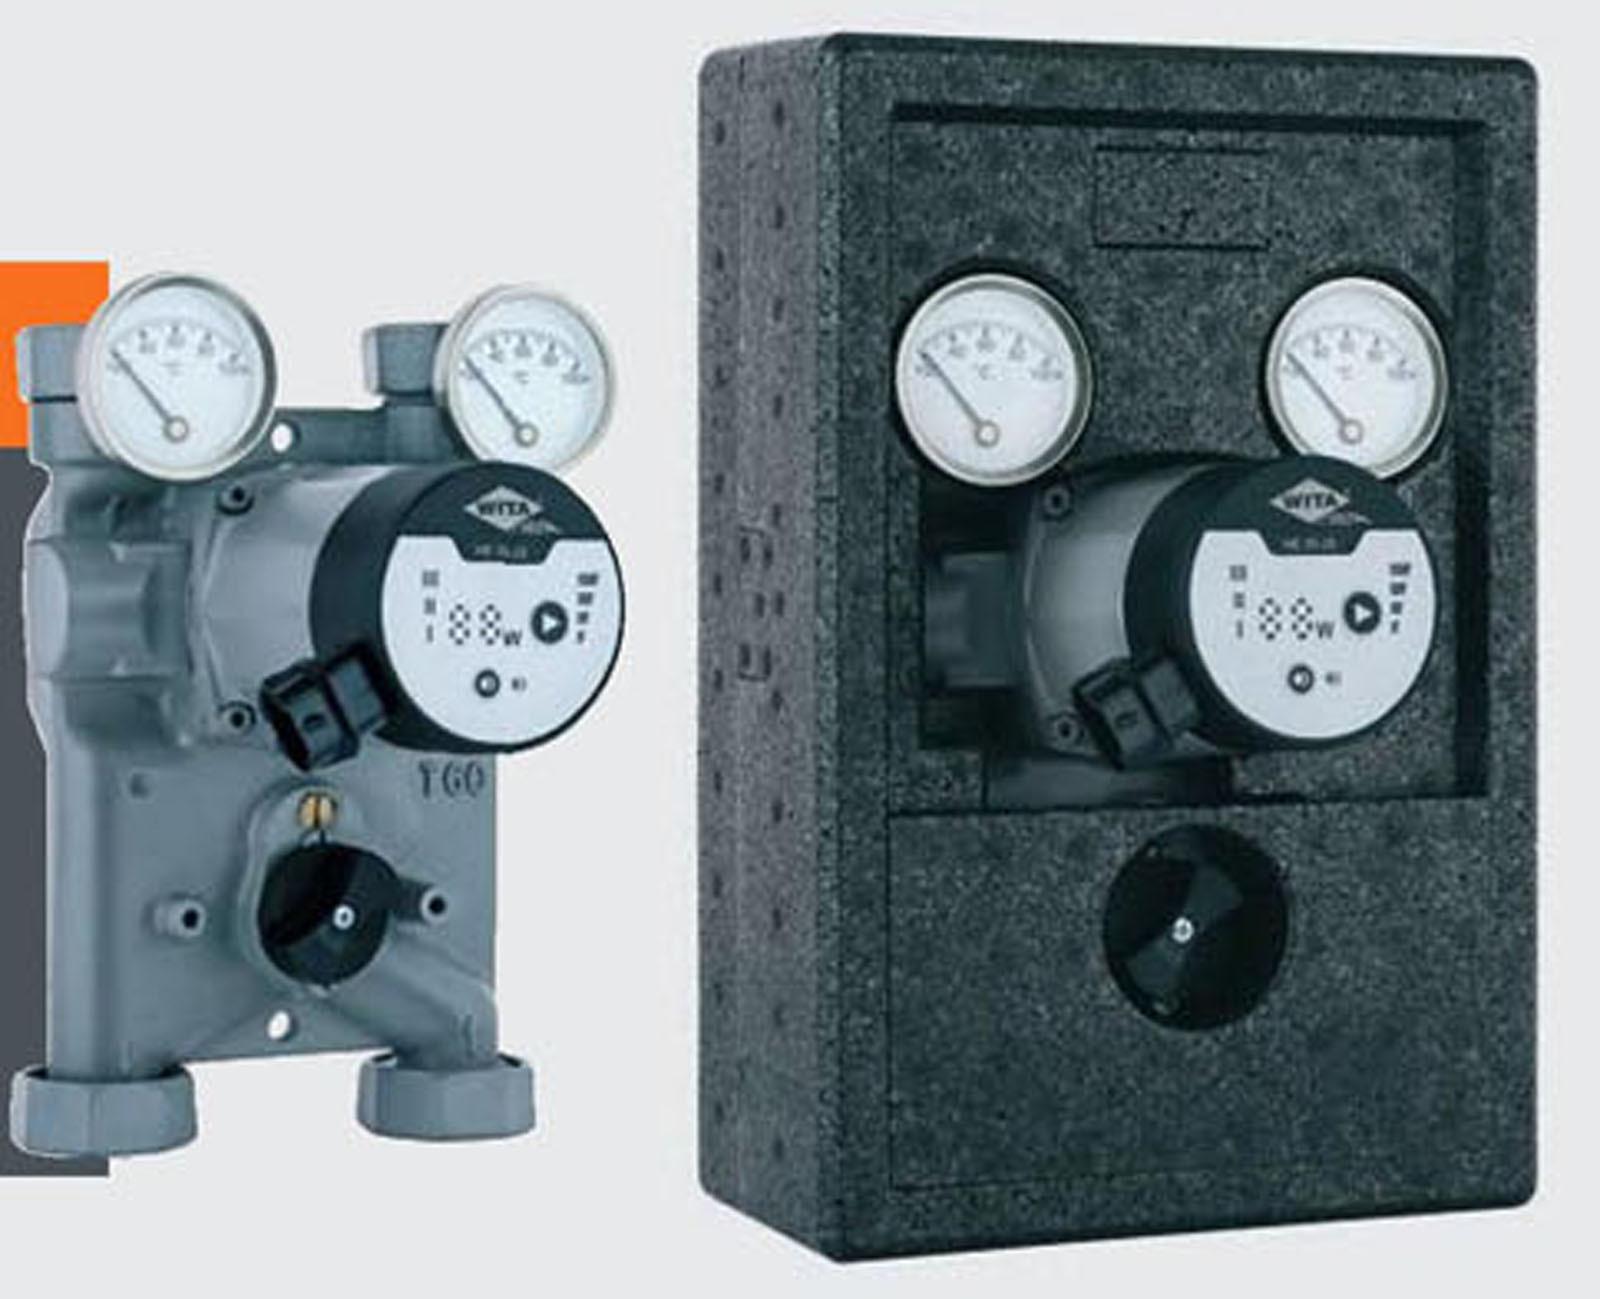 Wita-Bloc T60 Pumpengruppe DN25 Hocheffizienz Pumpe + Mischer 120mm Achsabst.